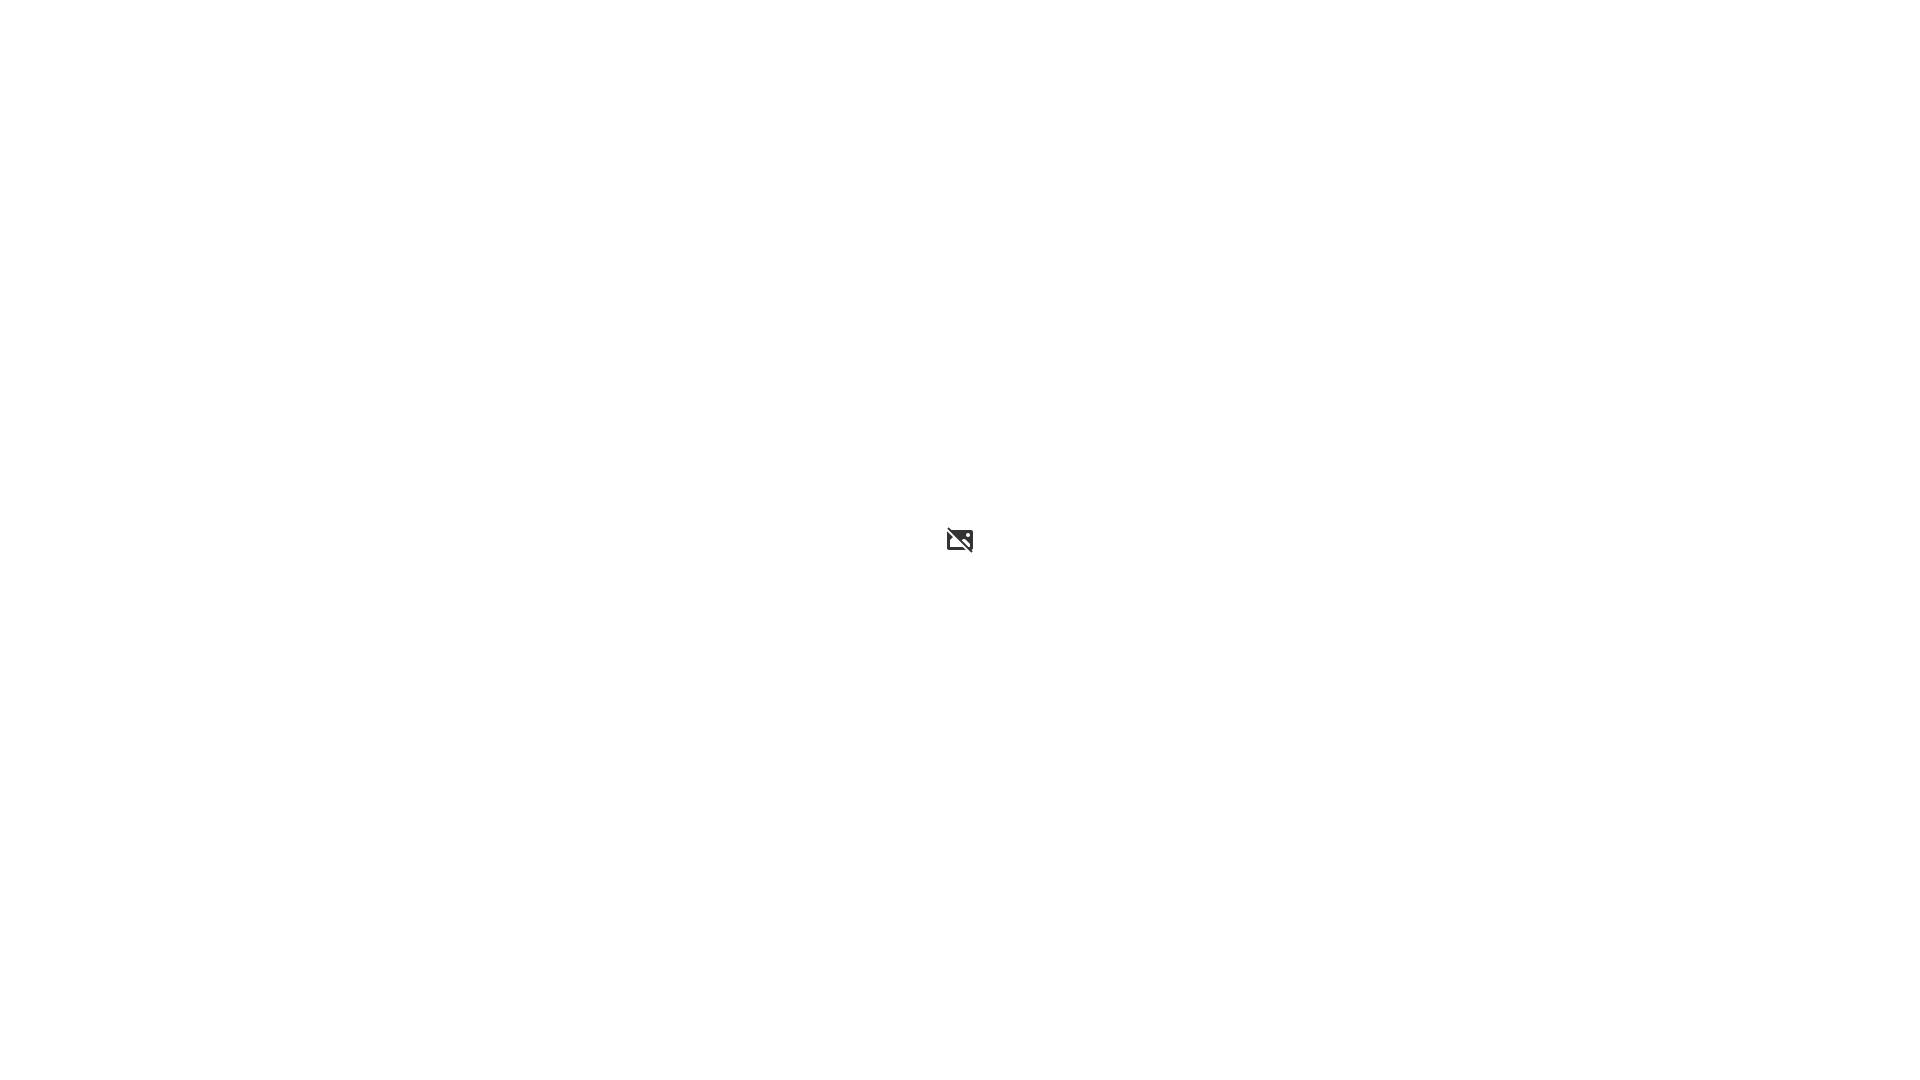 ekko_by_mikeboy95-d8xp4ta